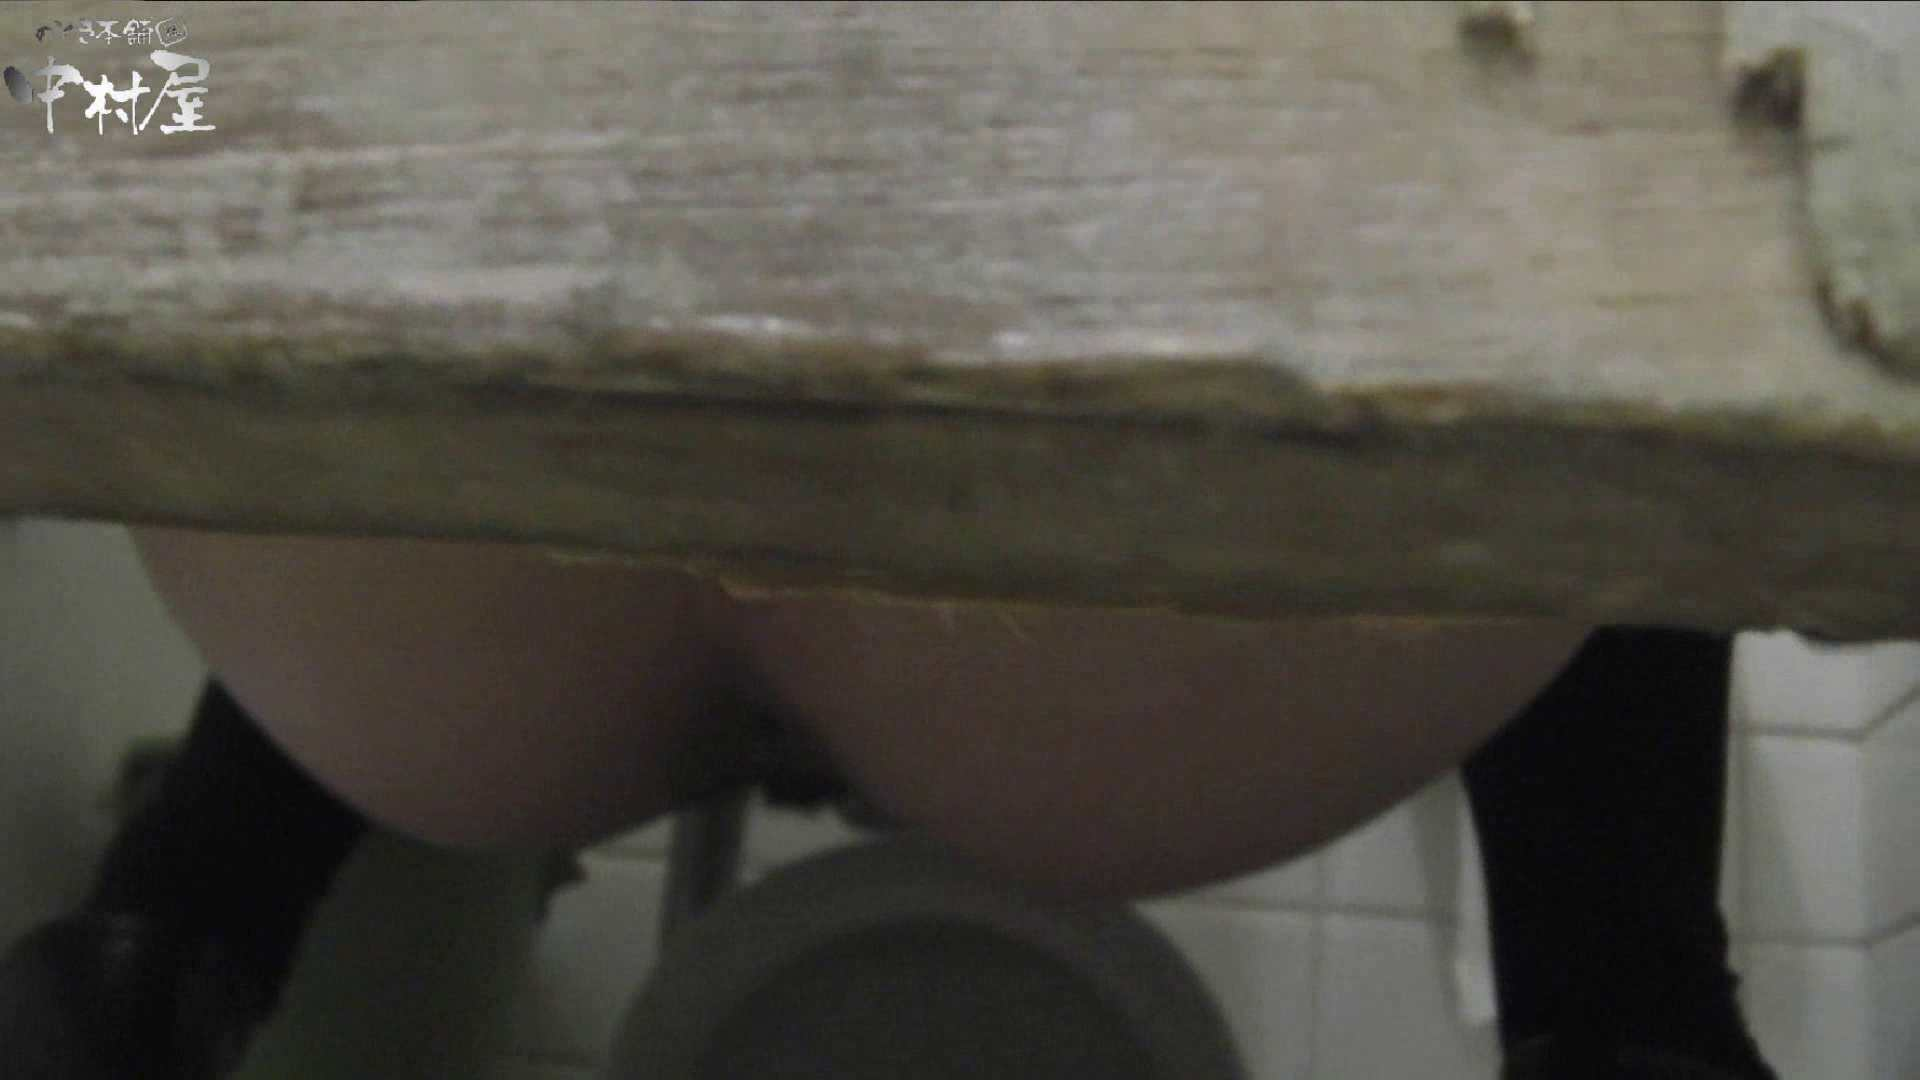 vol.44 命がけ潜伏洗面所! ツインテール(゚∀゚)キタコレ!! 潜入 のぞき動画キャプチャ 77PIX 41